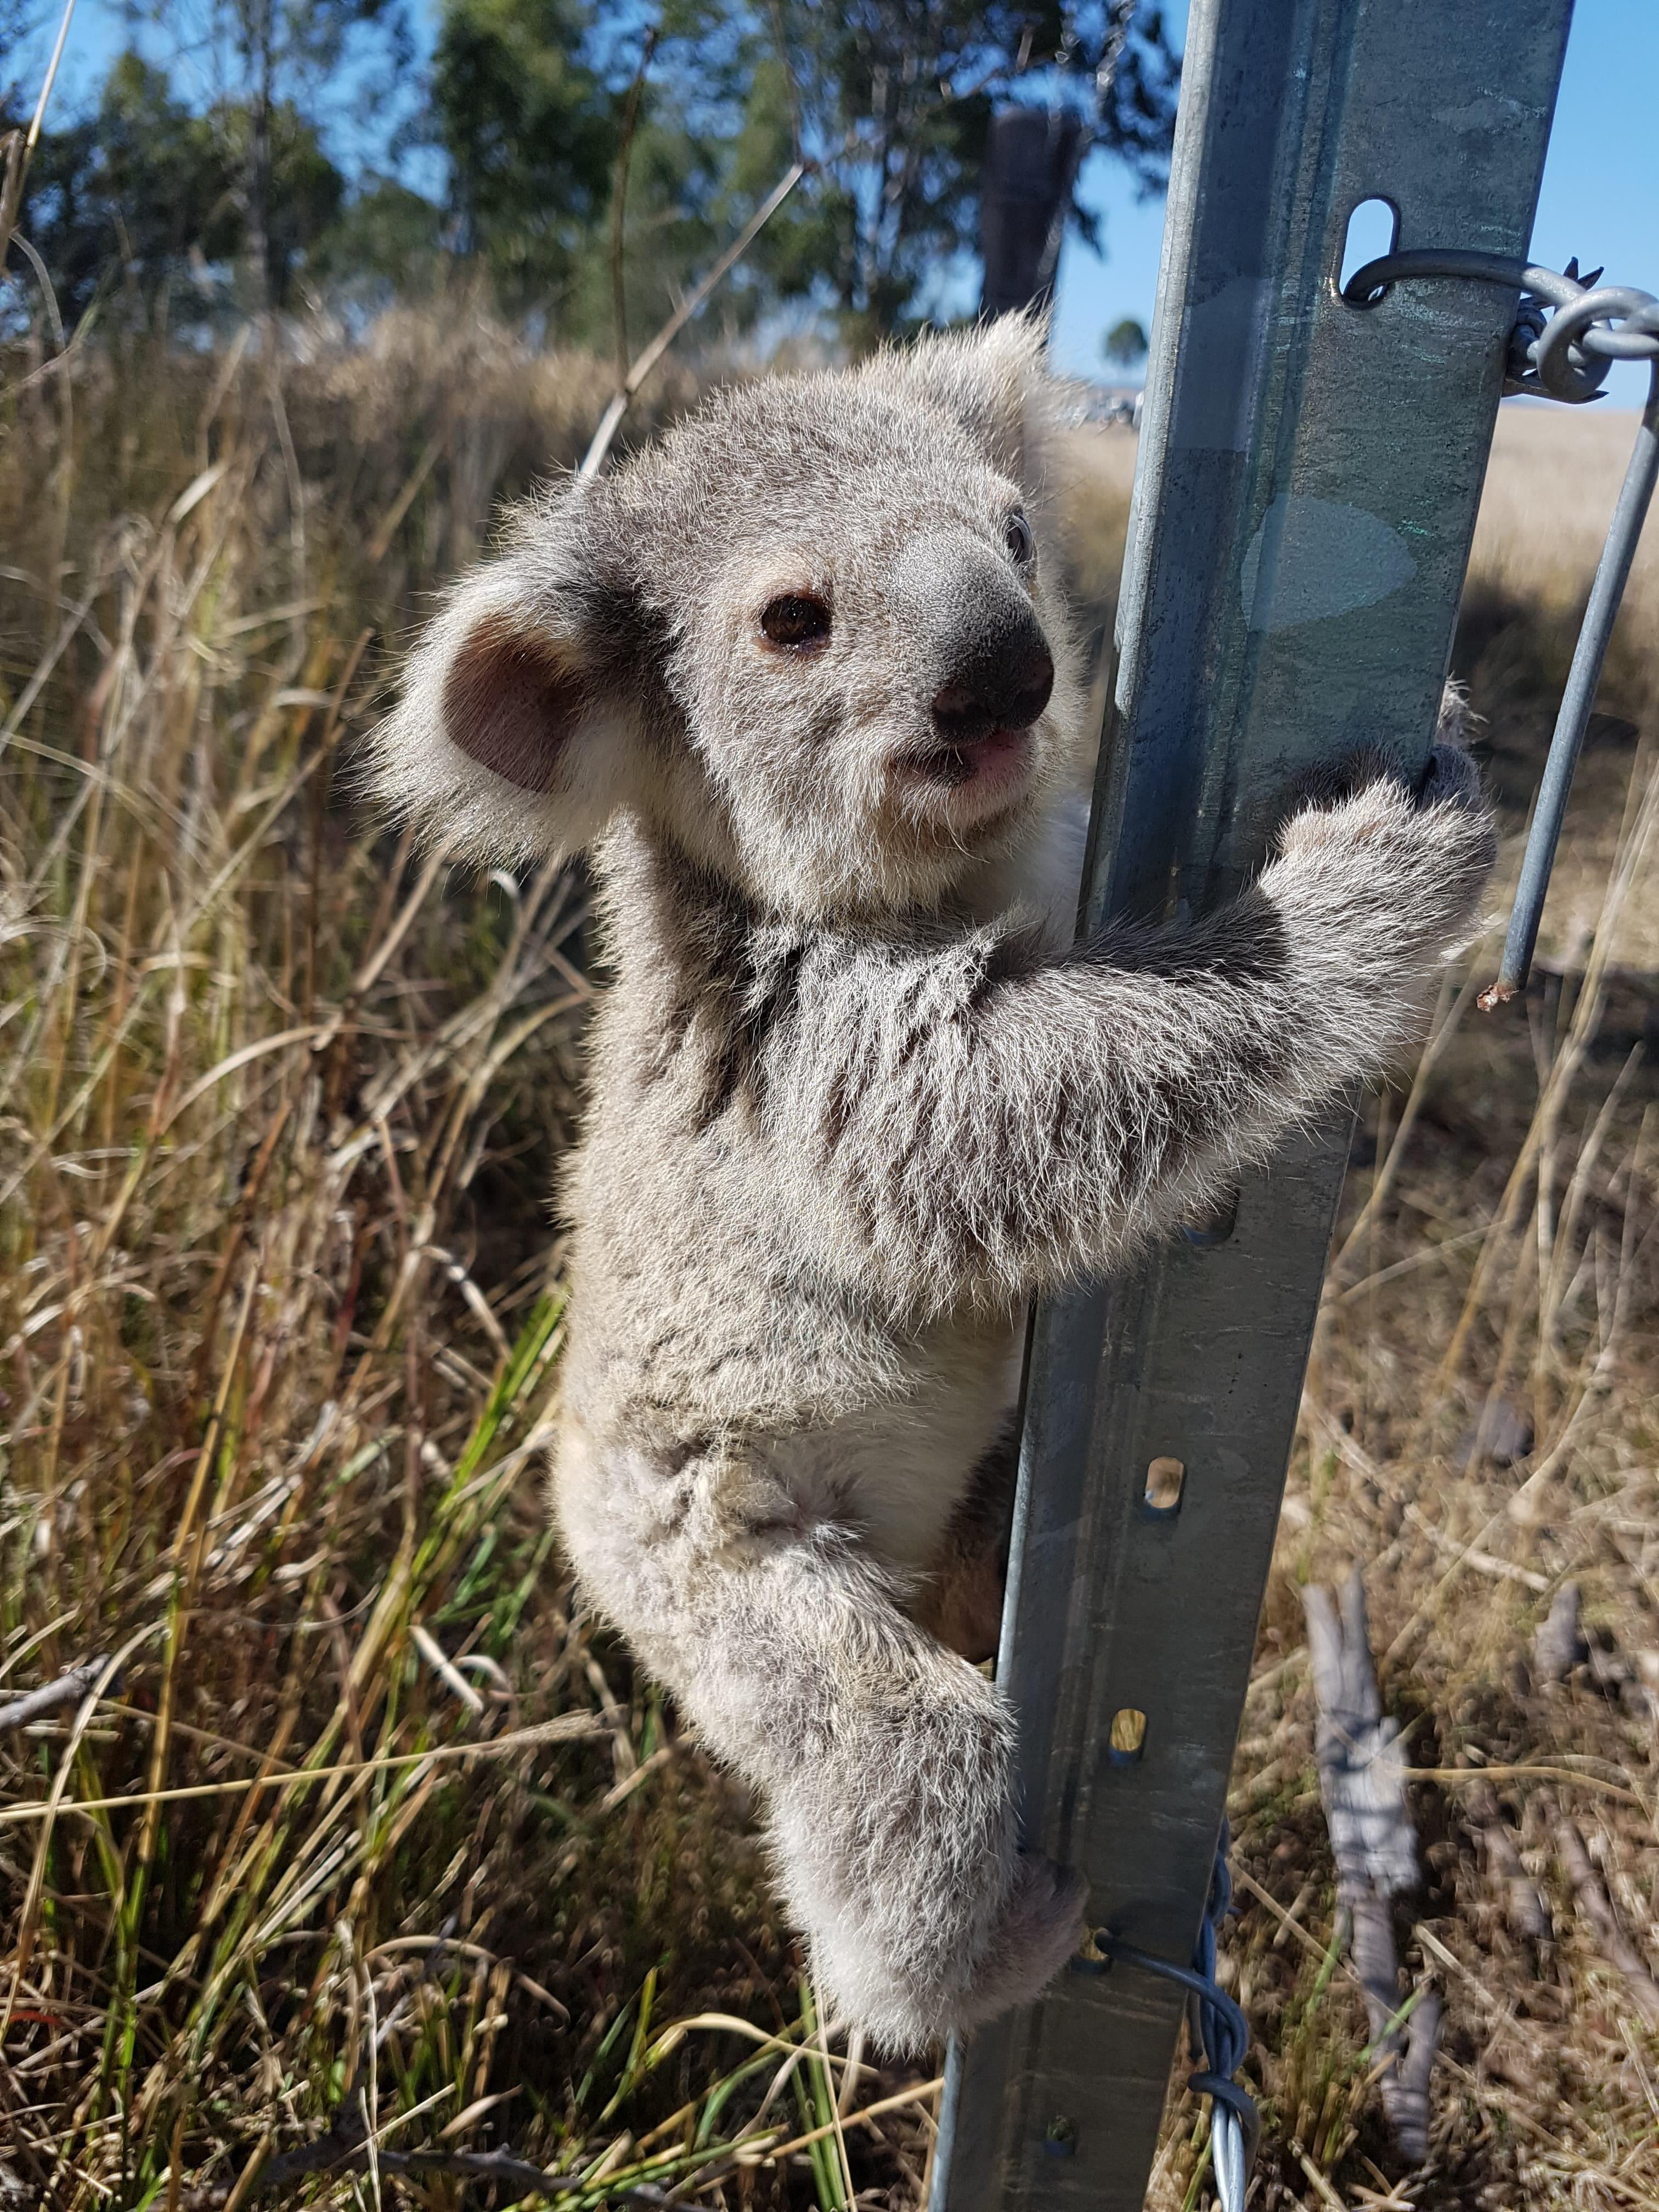 Un jeune koala s'est enfui vers un poteau de clôture.